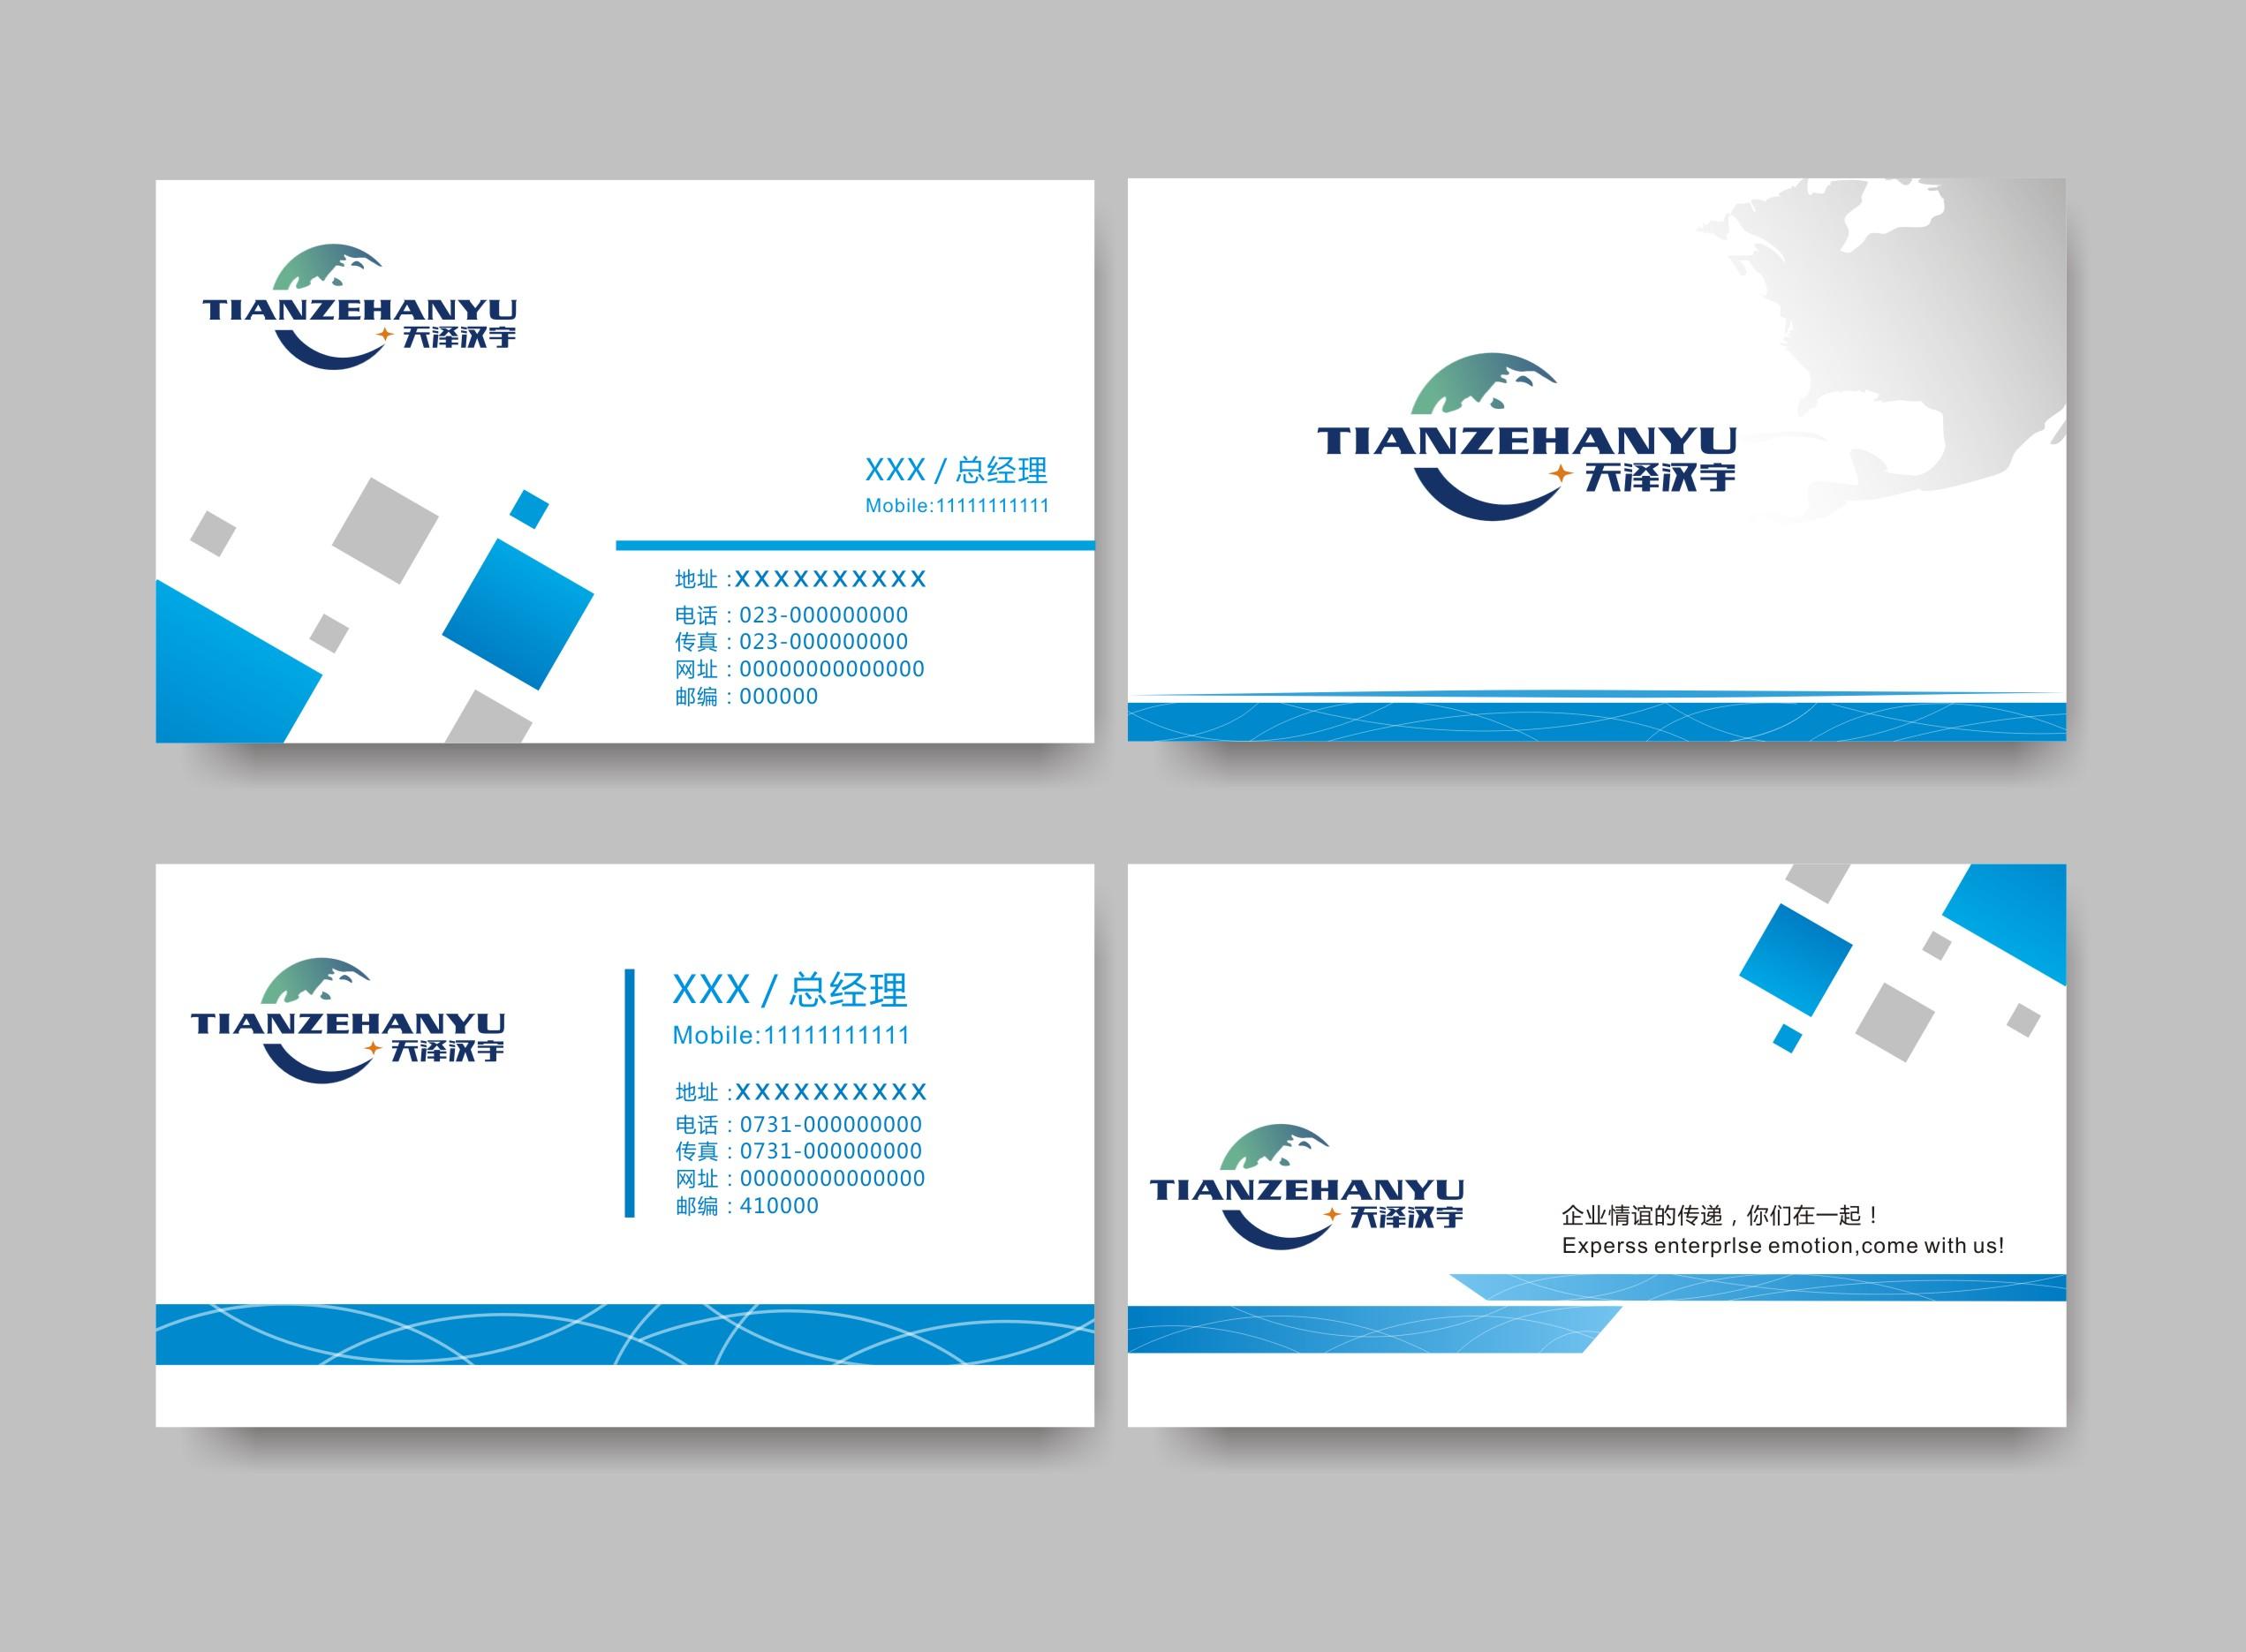 名片设计模板/签名设计免费版/高档名片设计模板/名片设计制作公司图片